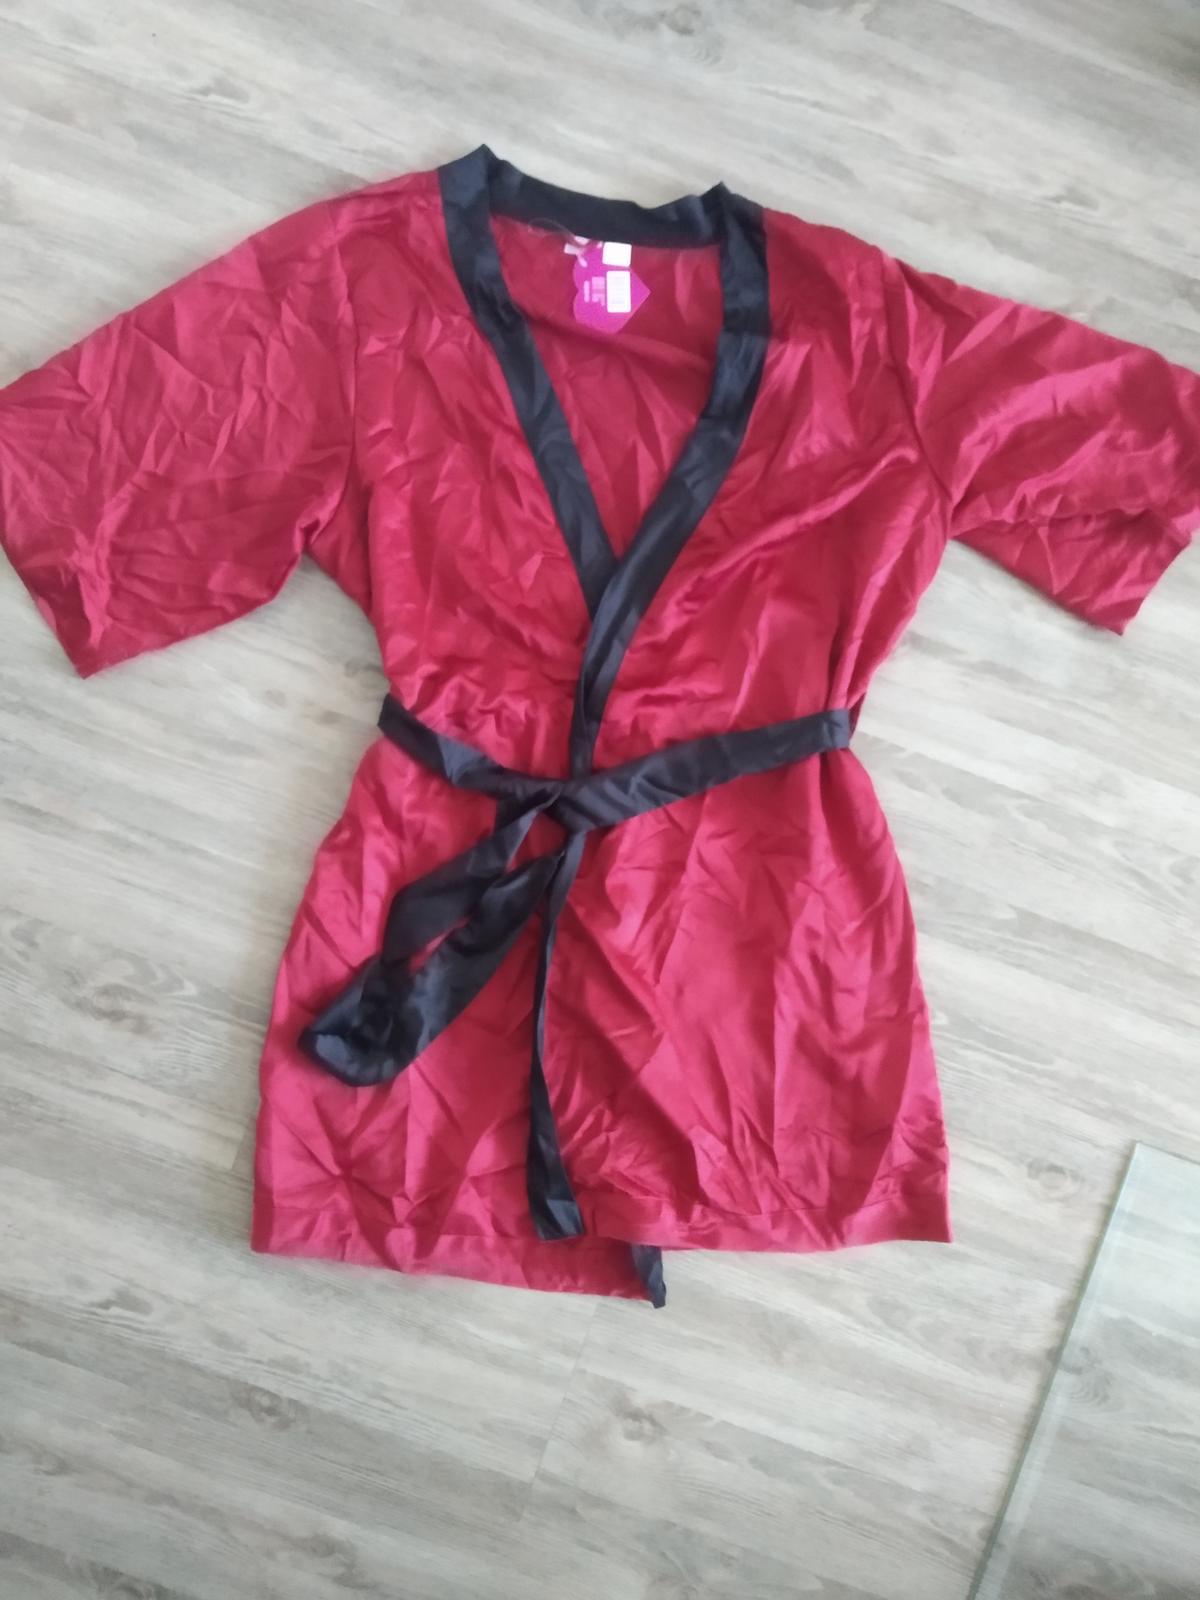 Dámské saténové kimono - Obrázek č. 2